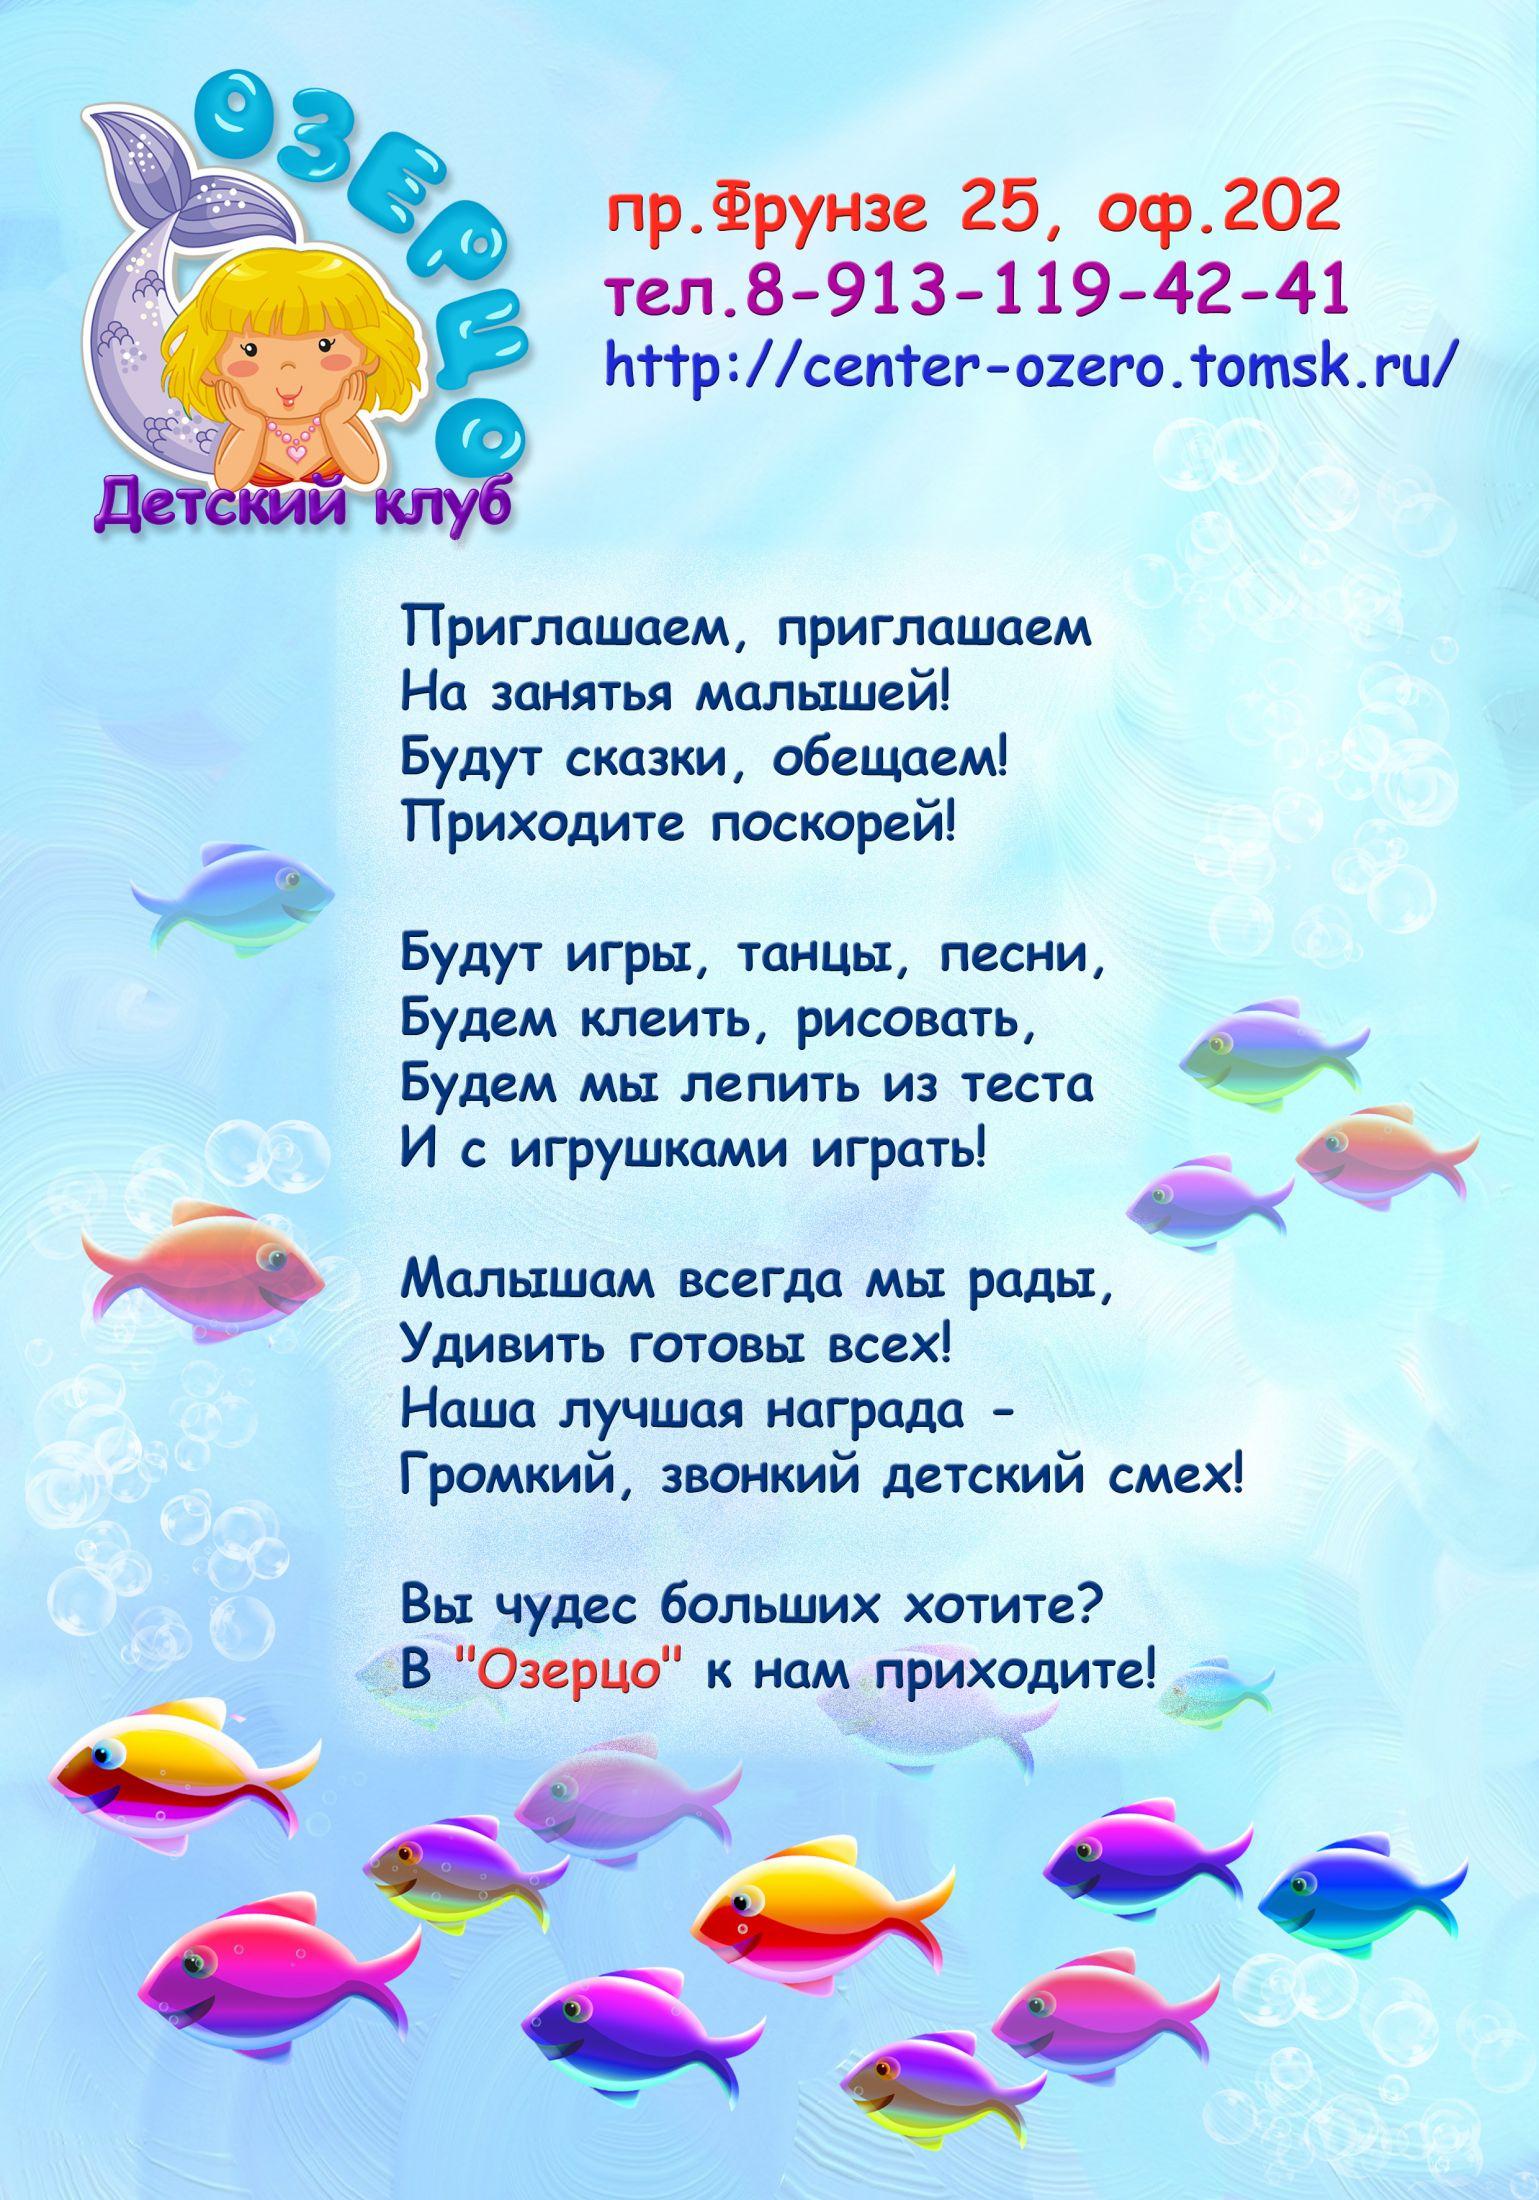 Приглашения в стихах для родителей дошкольников, поздравить подругу днем